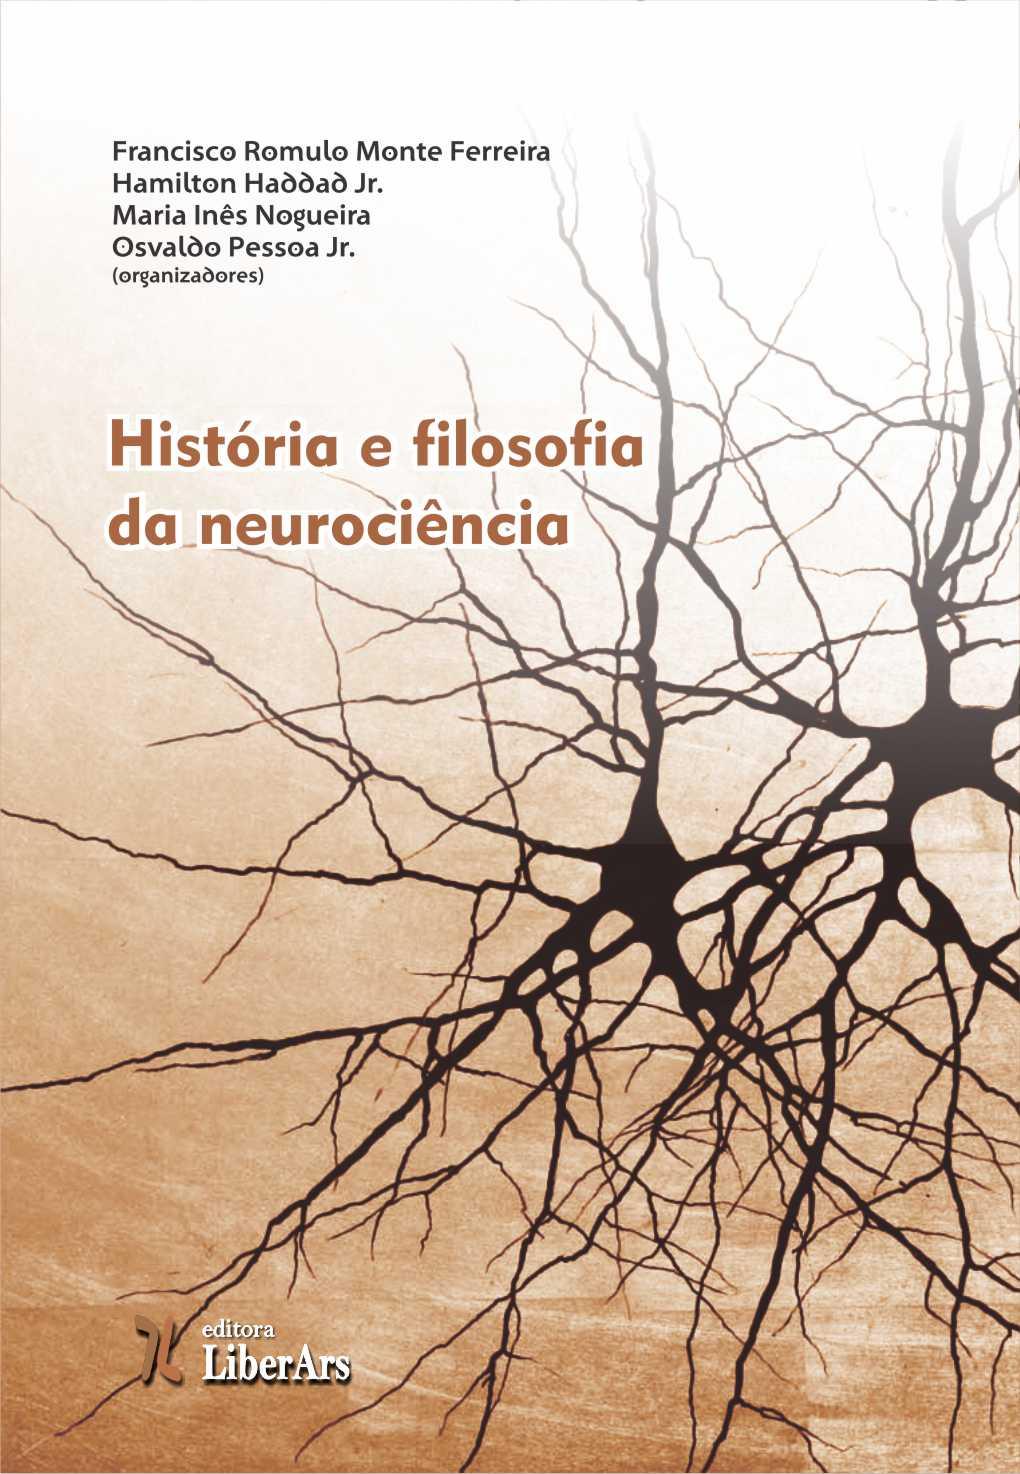 História e filosofia da neurociência, livro de Francisco Romulo Ferreira, Maria Inês Nogueira, Osvaldo Pessoa Jr.